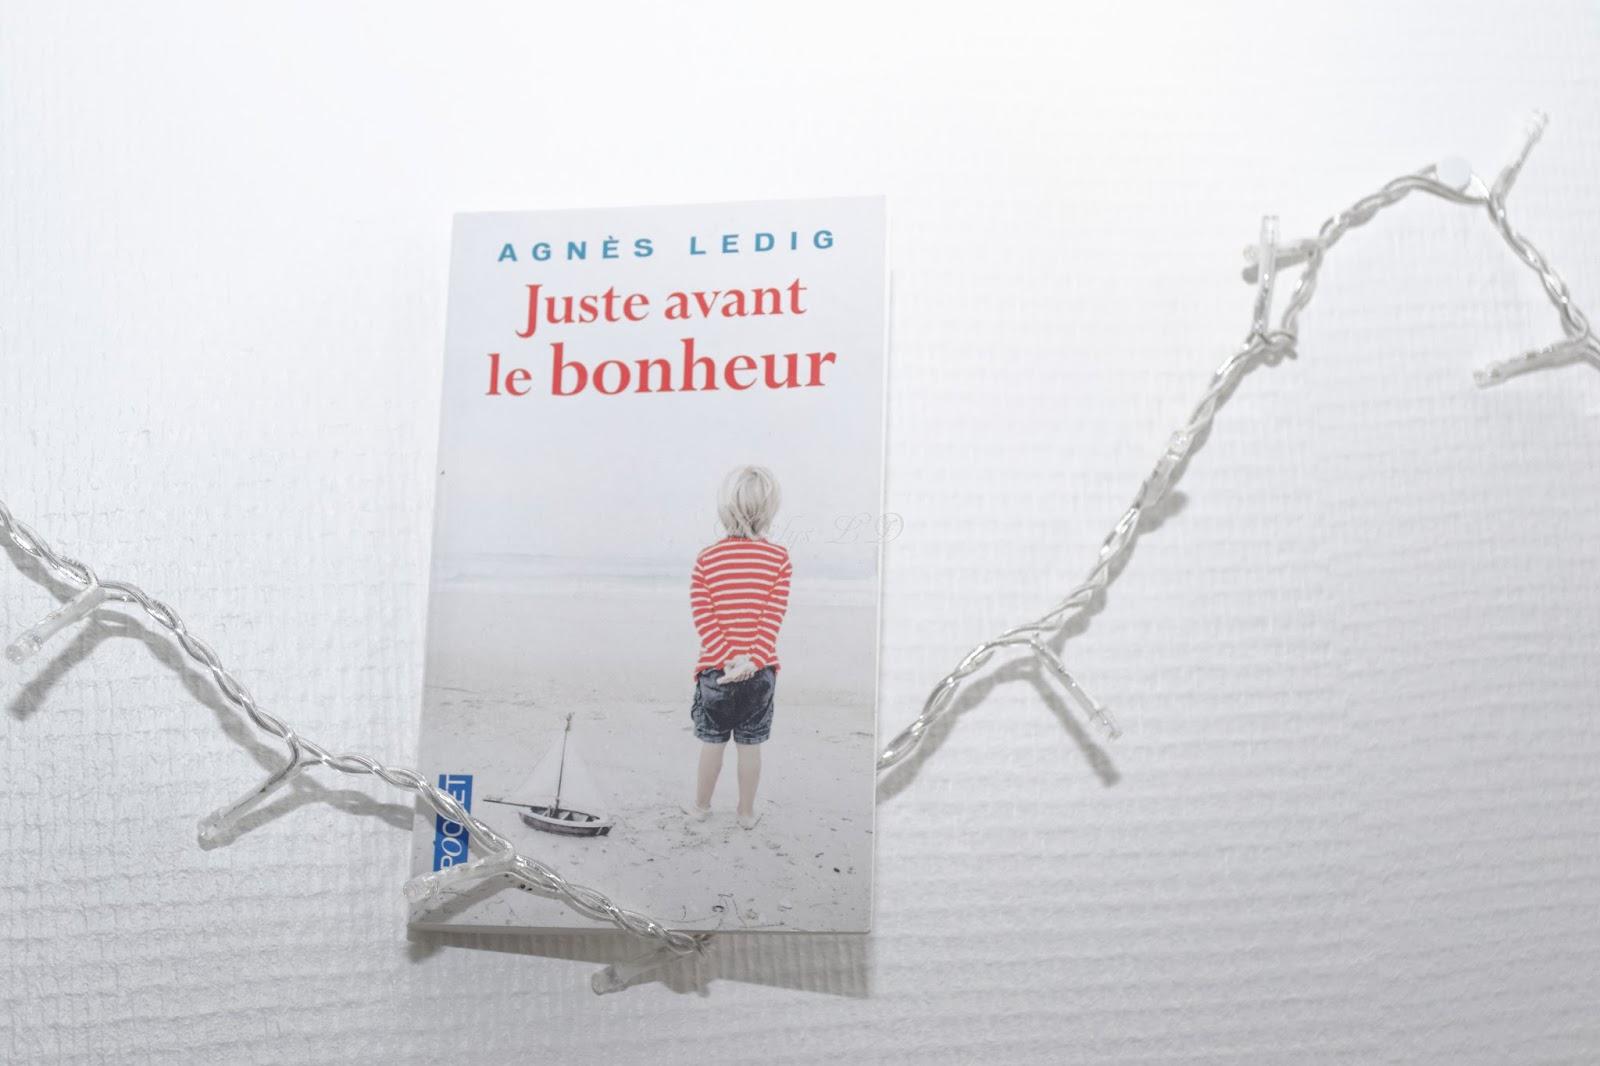 https://ldmailys.blogspot.com/2017/07/juste-avant-le-bonheur.html